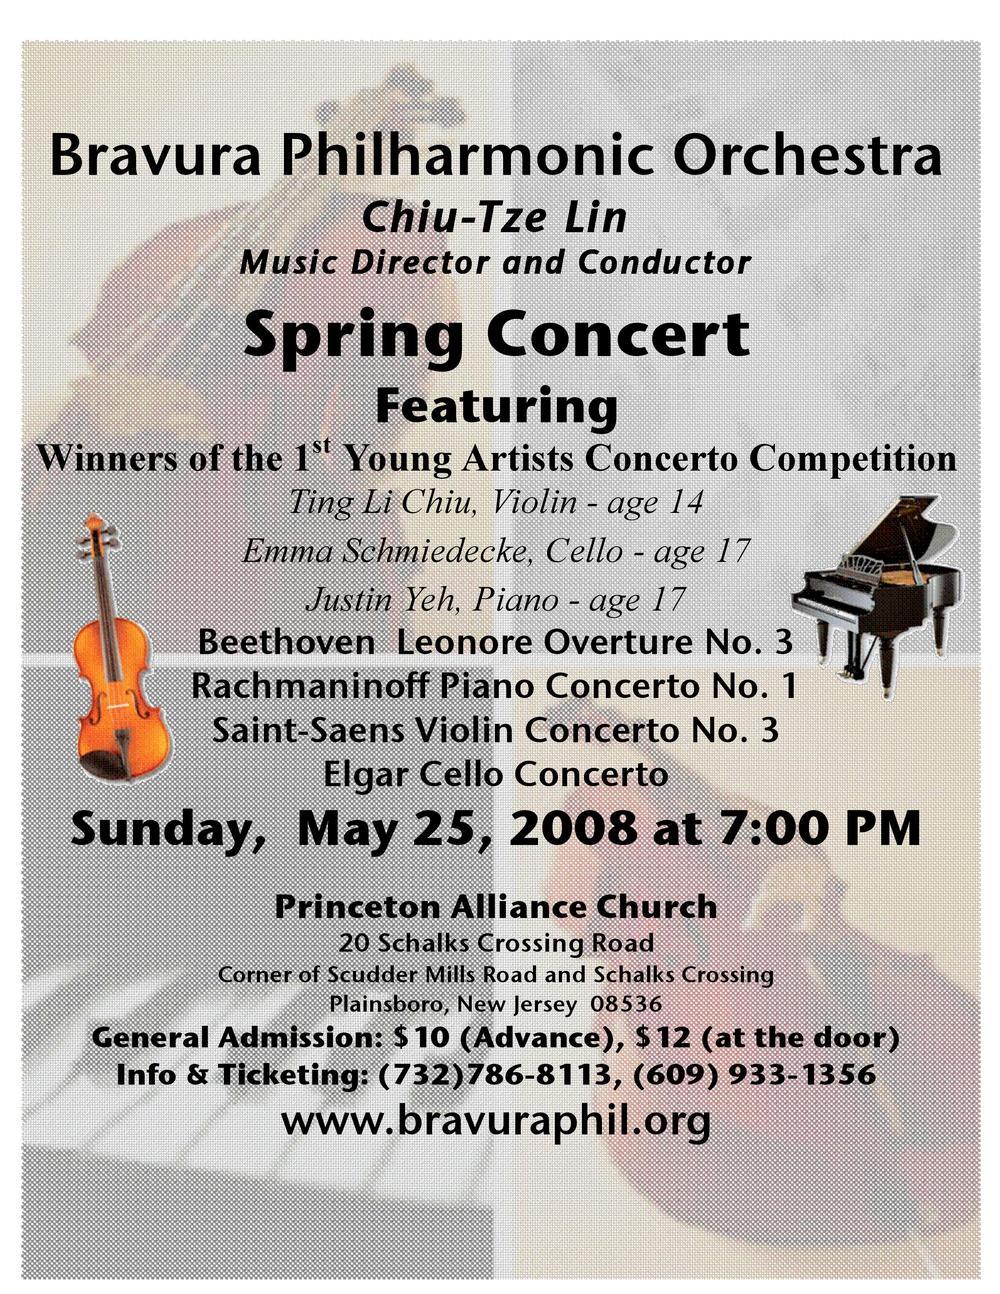 2008 Spring Concert